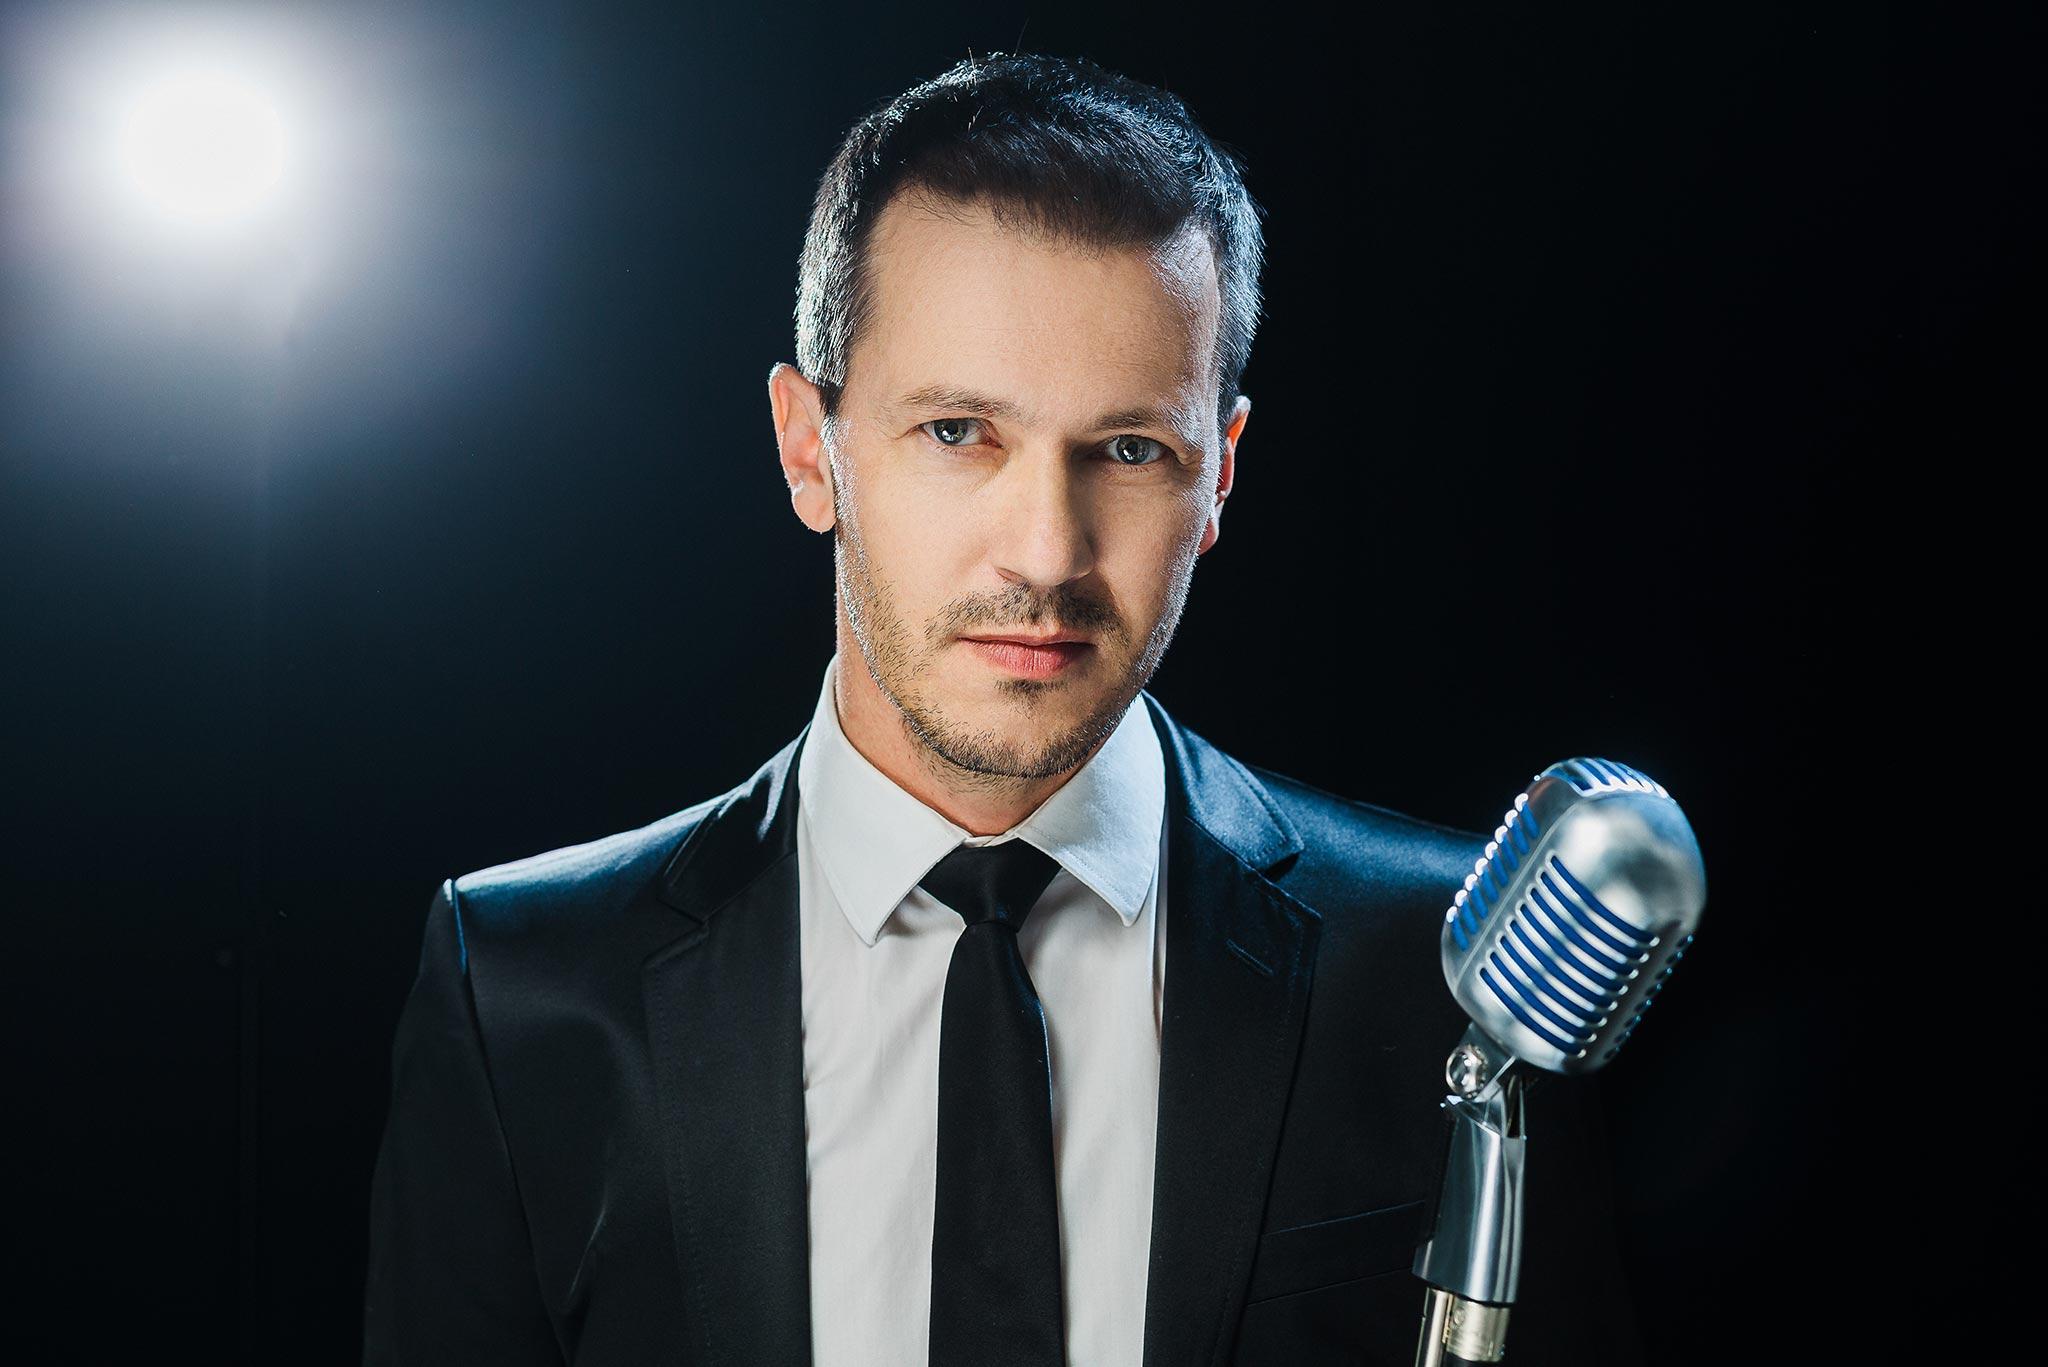 Markus Schneeberger Businessfotografie - rainer markus schneeberger business musik - Portraits